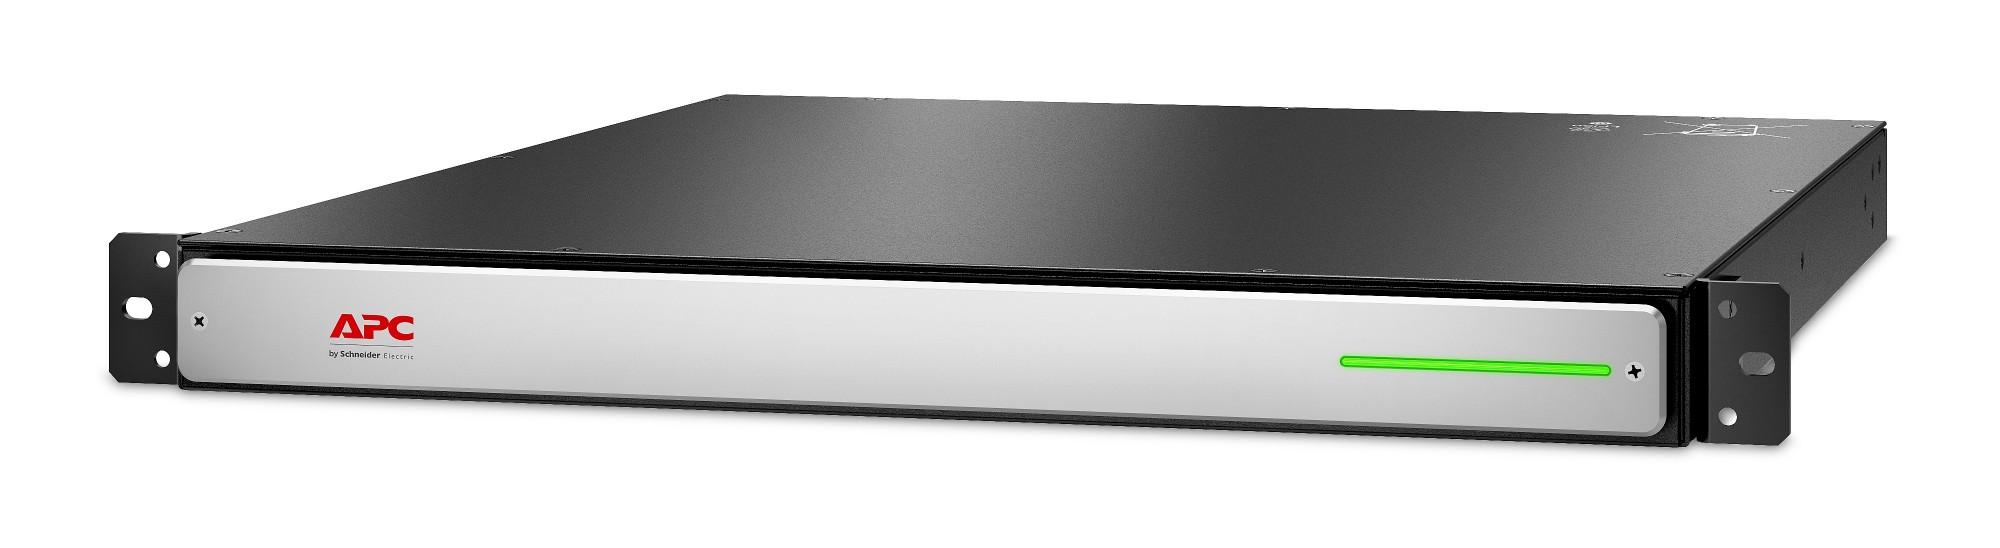 APC SMART-UPS 48V 3KW 600WH ACCS